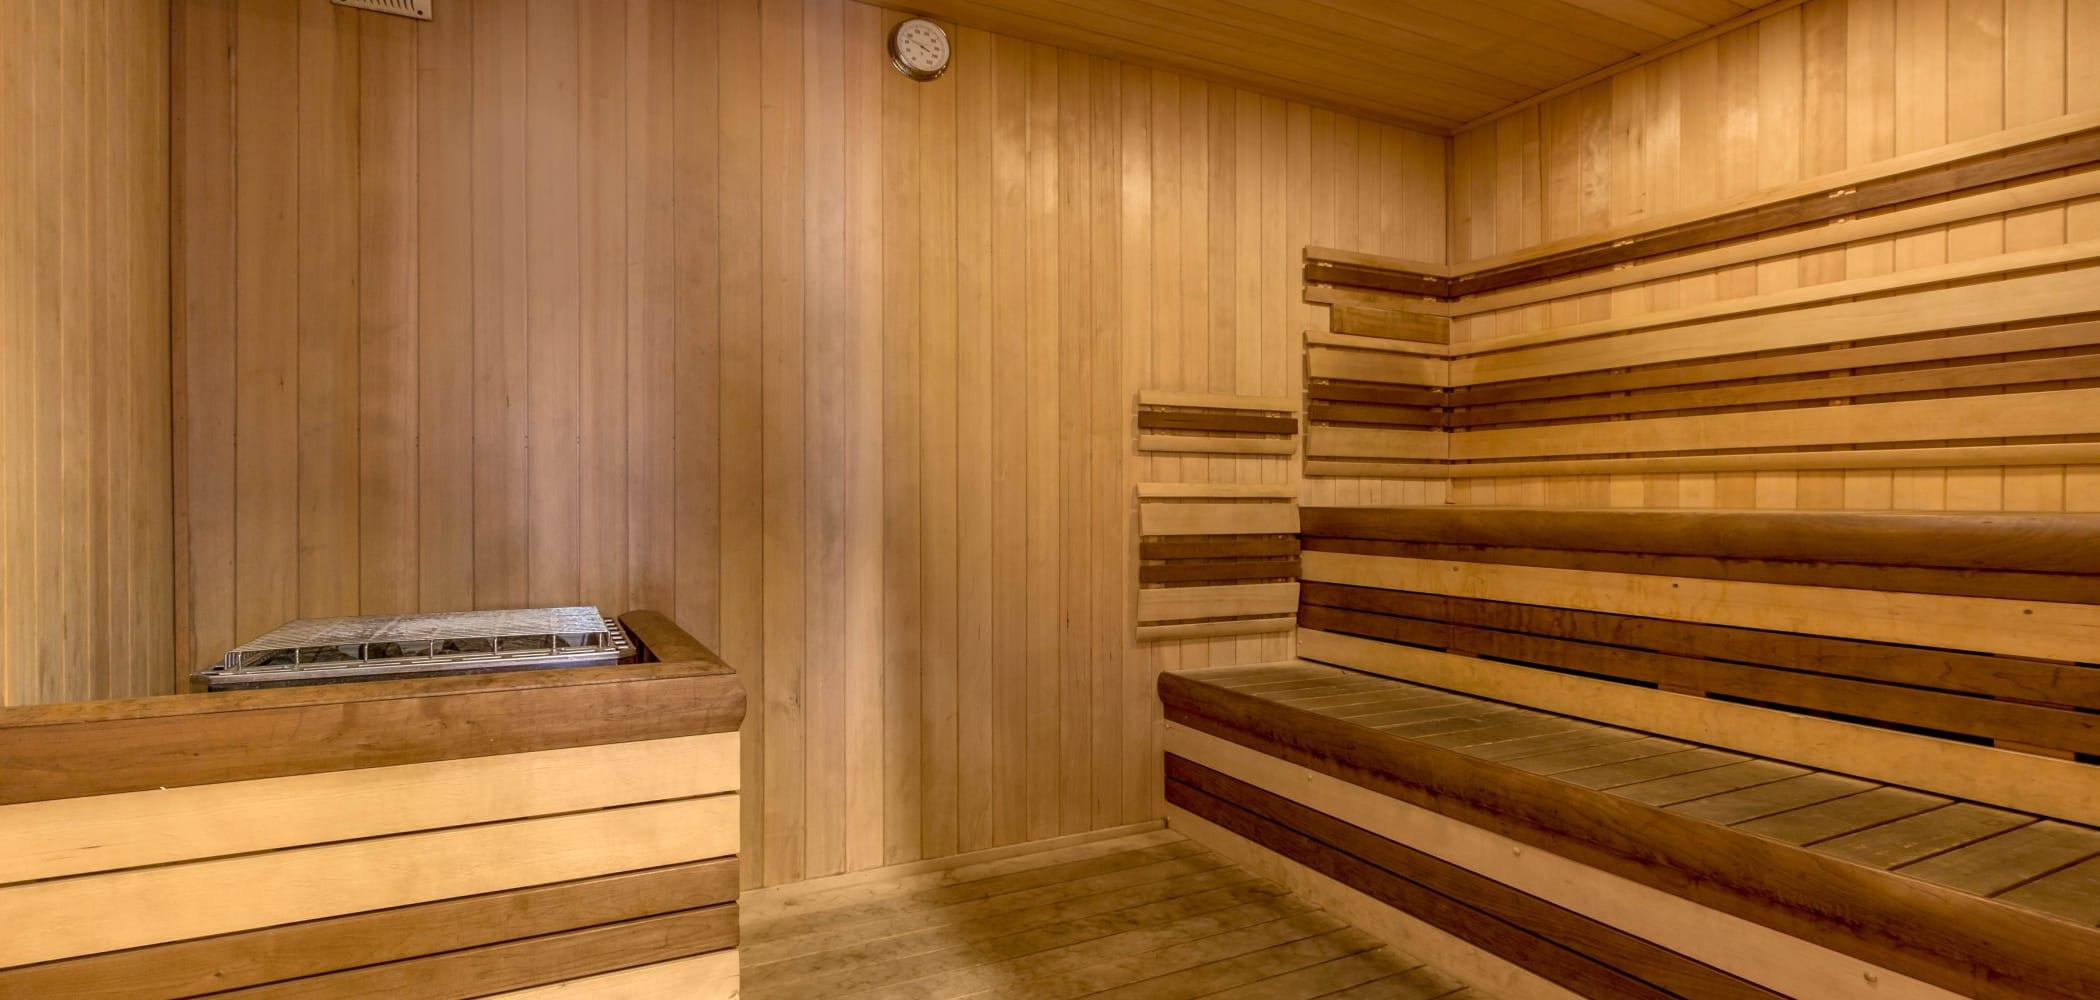 Sauna at HERE Champaign in Champaign, Illinois